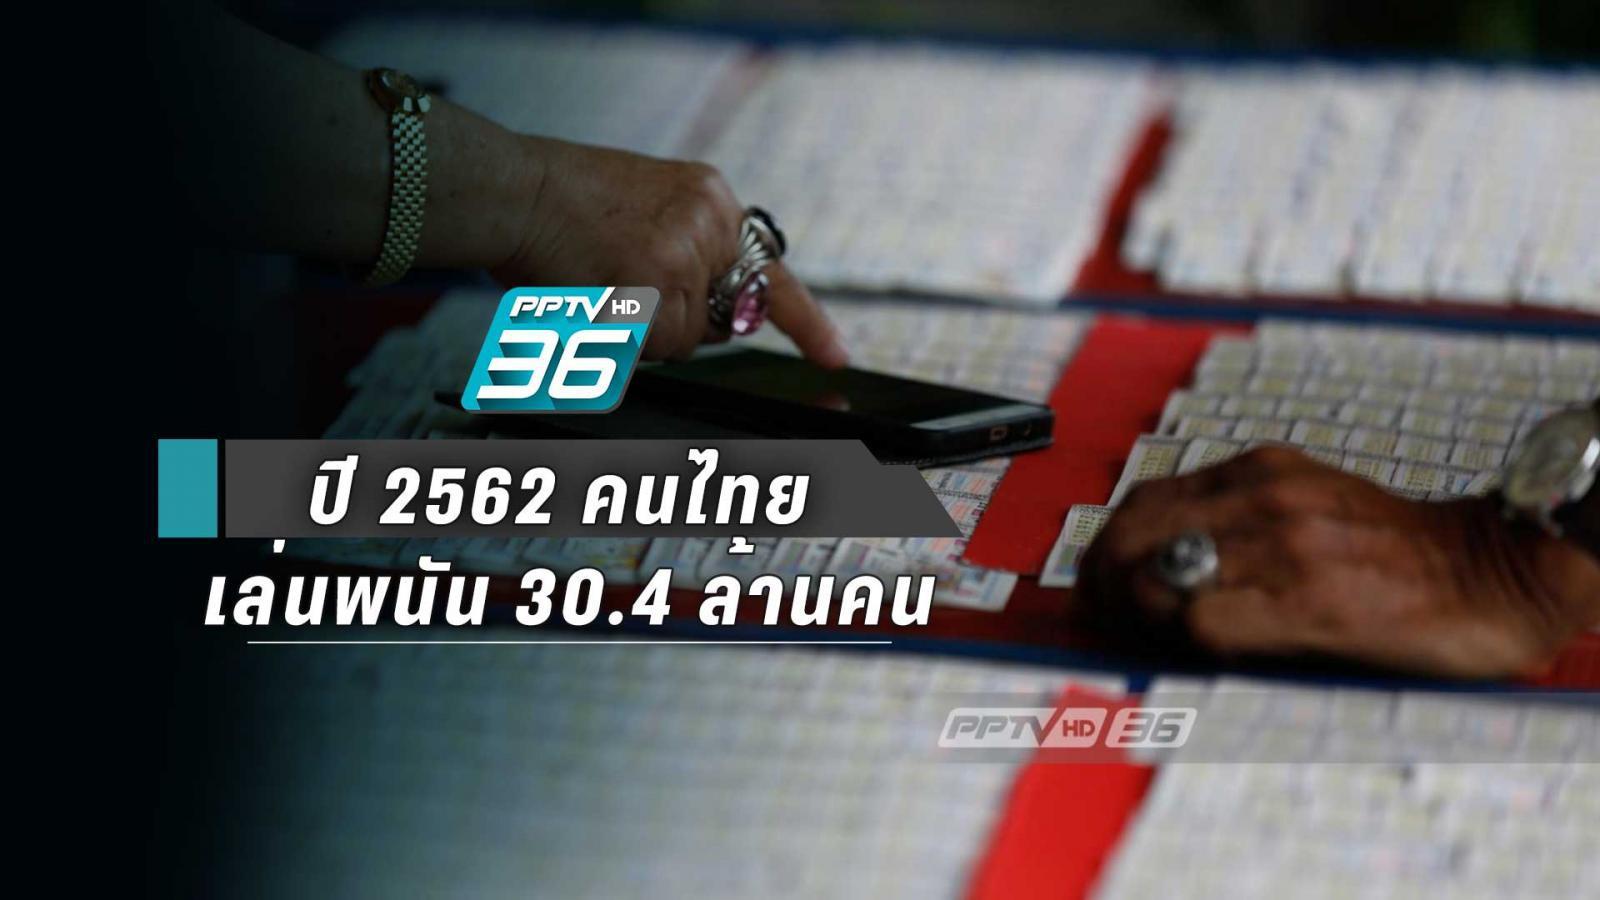 คนไทย เล่นพนัน 30.4 ล้านคน ลอตเตอรี่ อันดับ 1